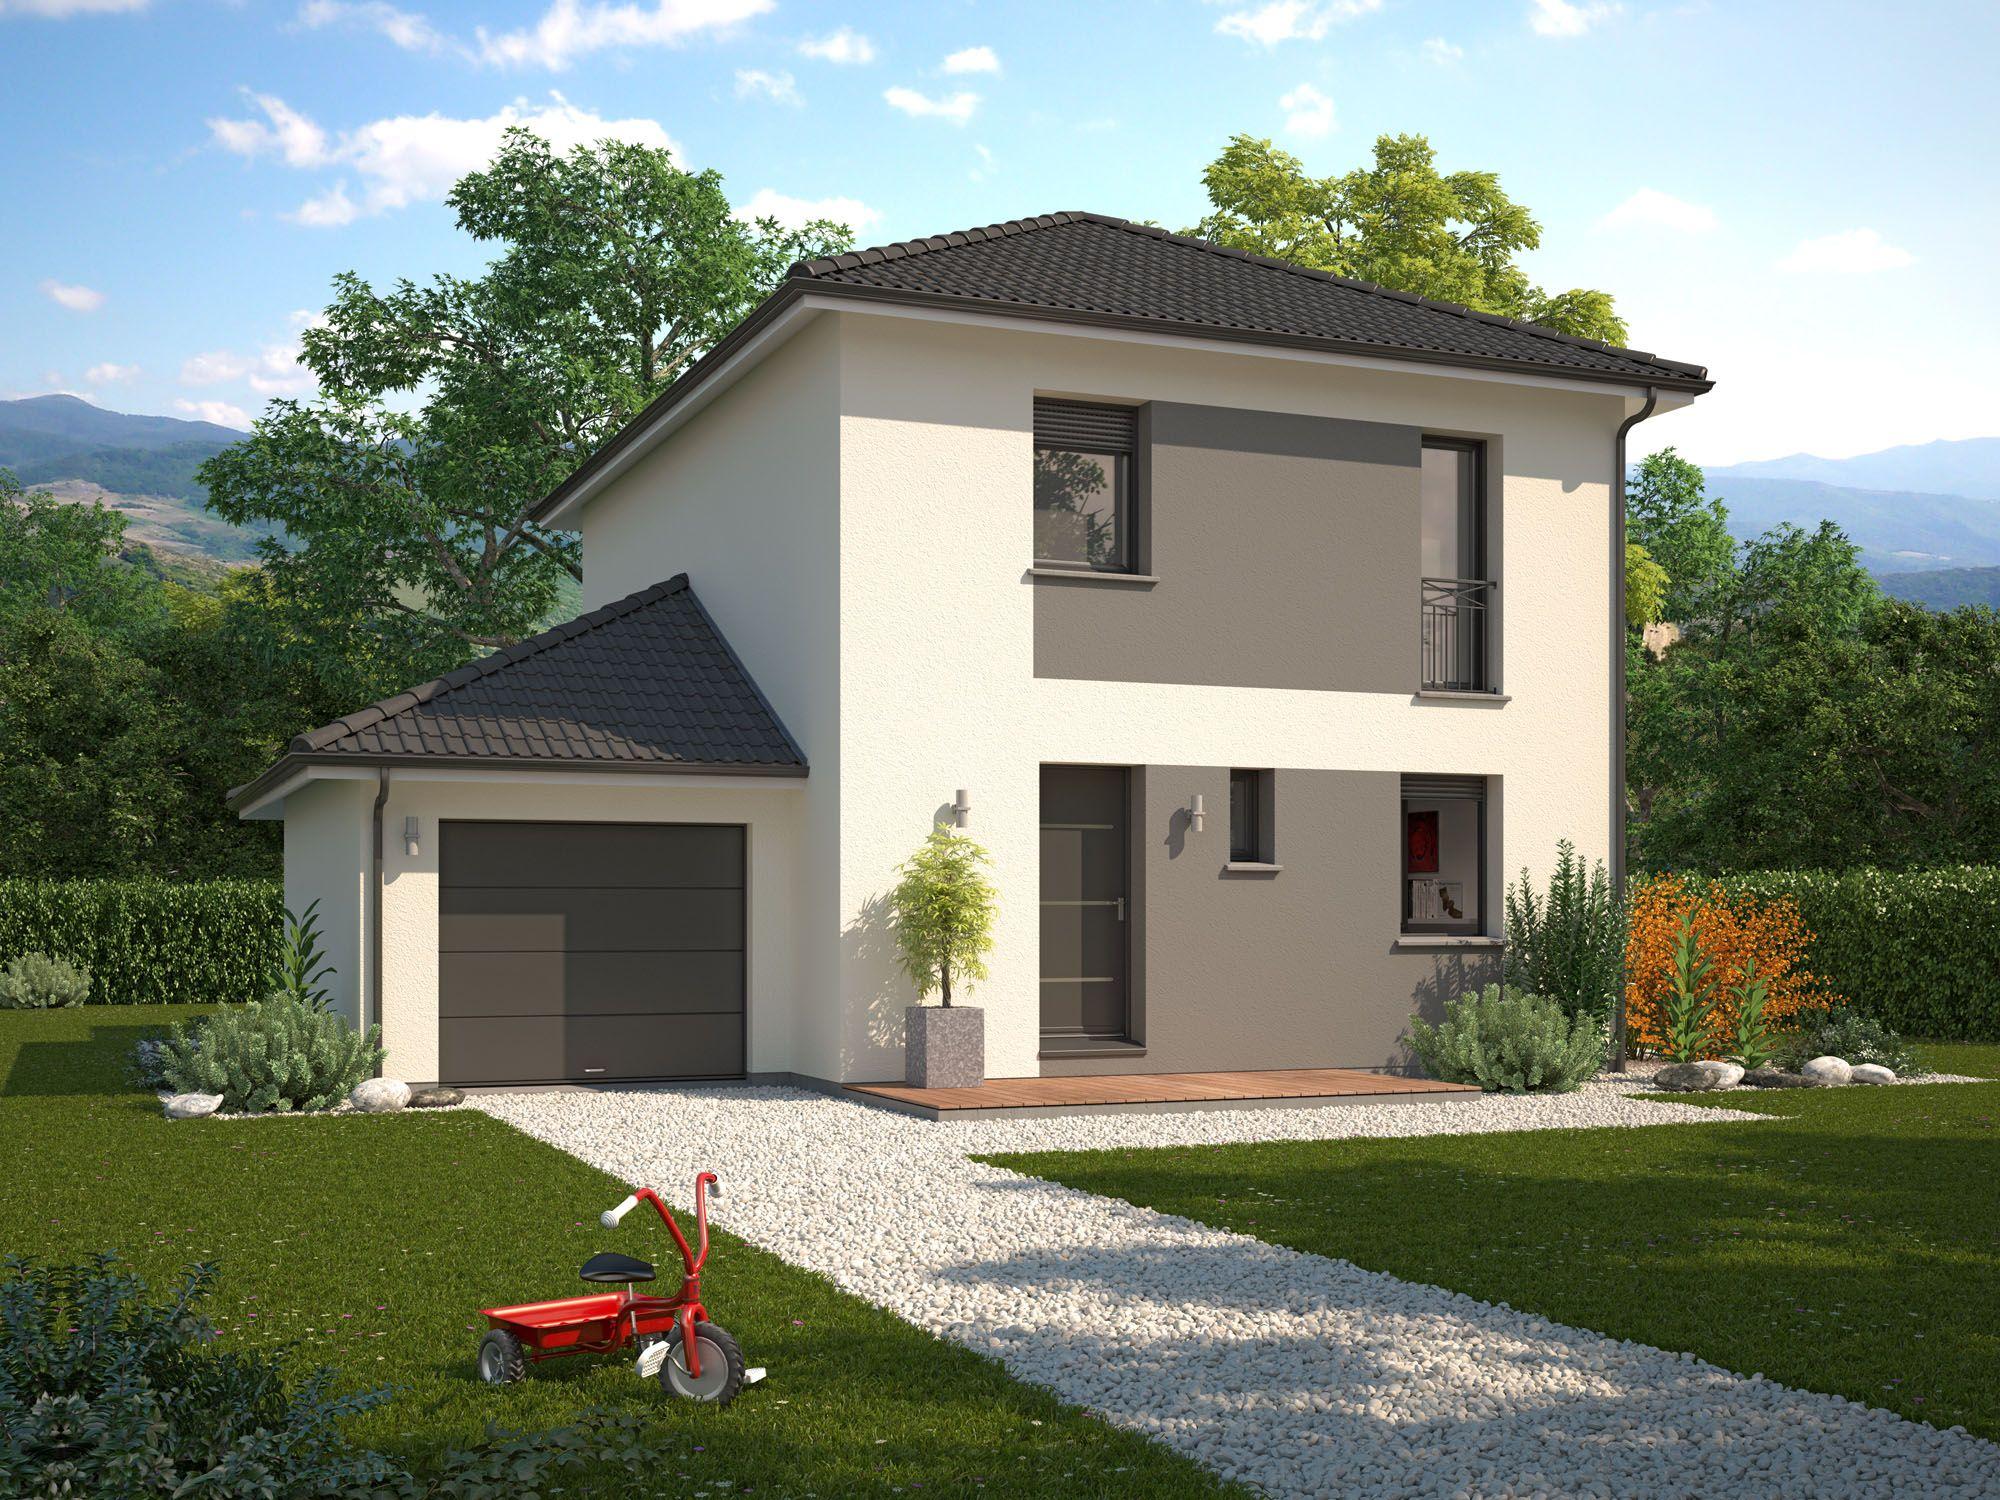 Maisons + Terrains du constructeur Maisons familiales Échirolles • 103 m² • TULLINS